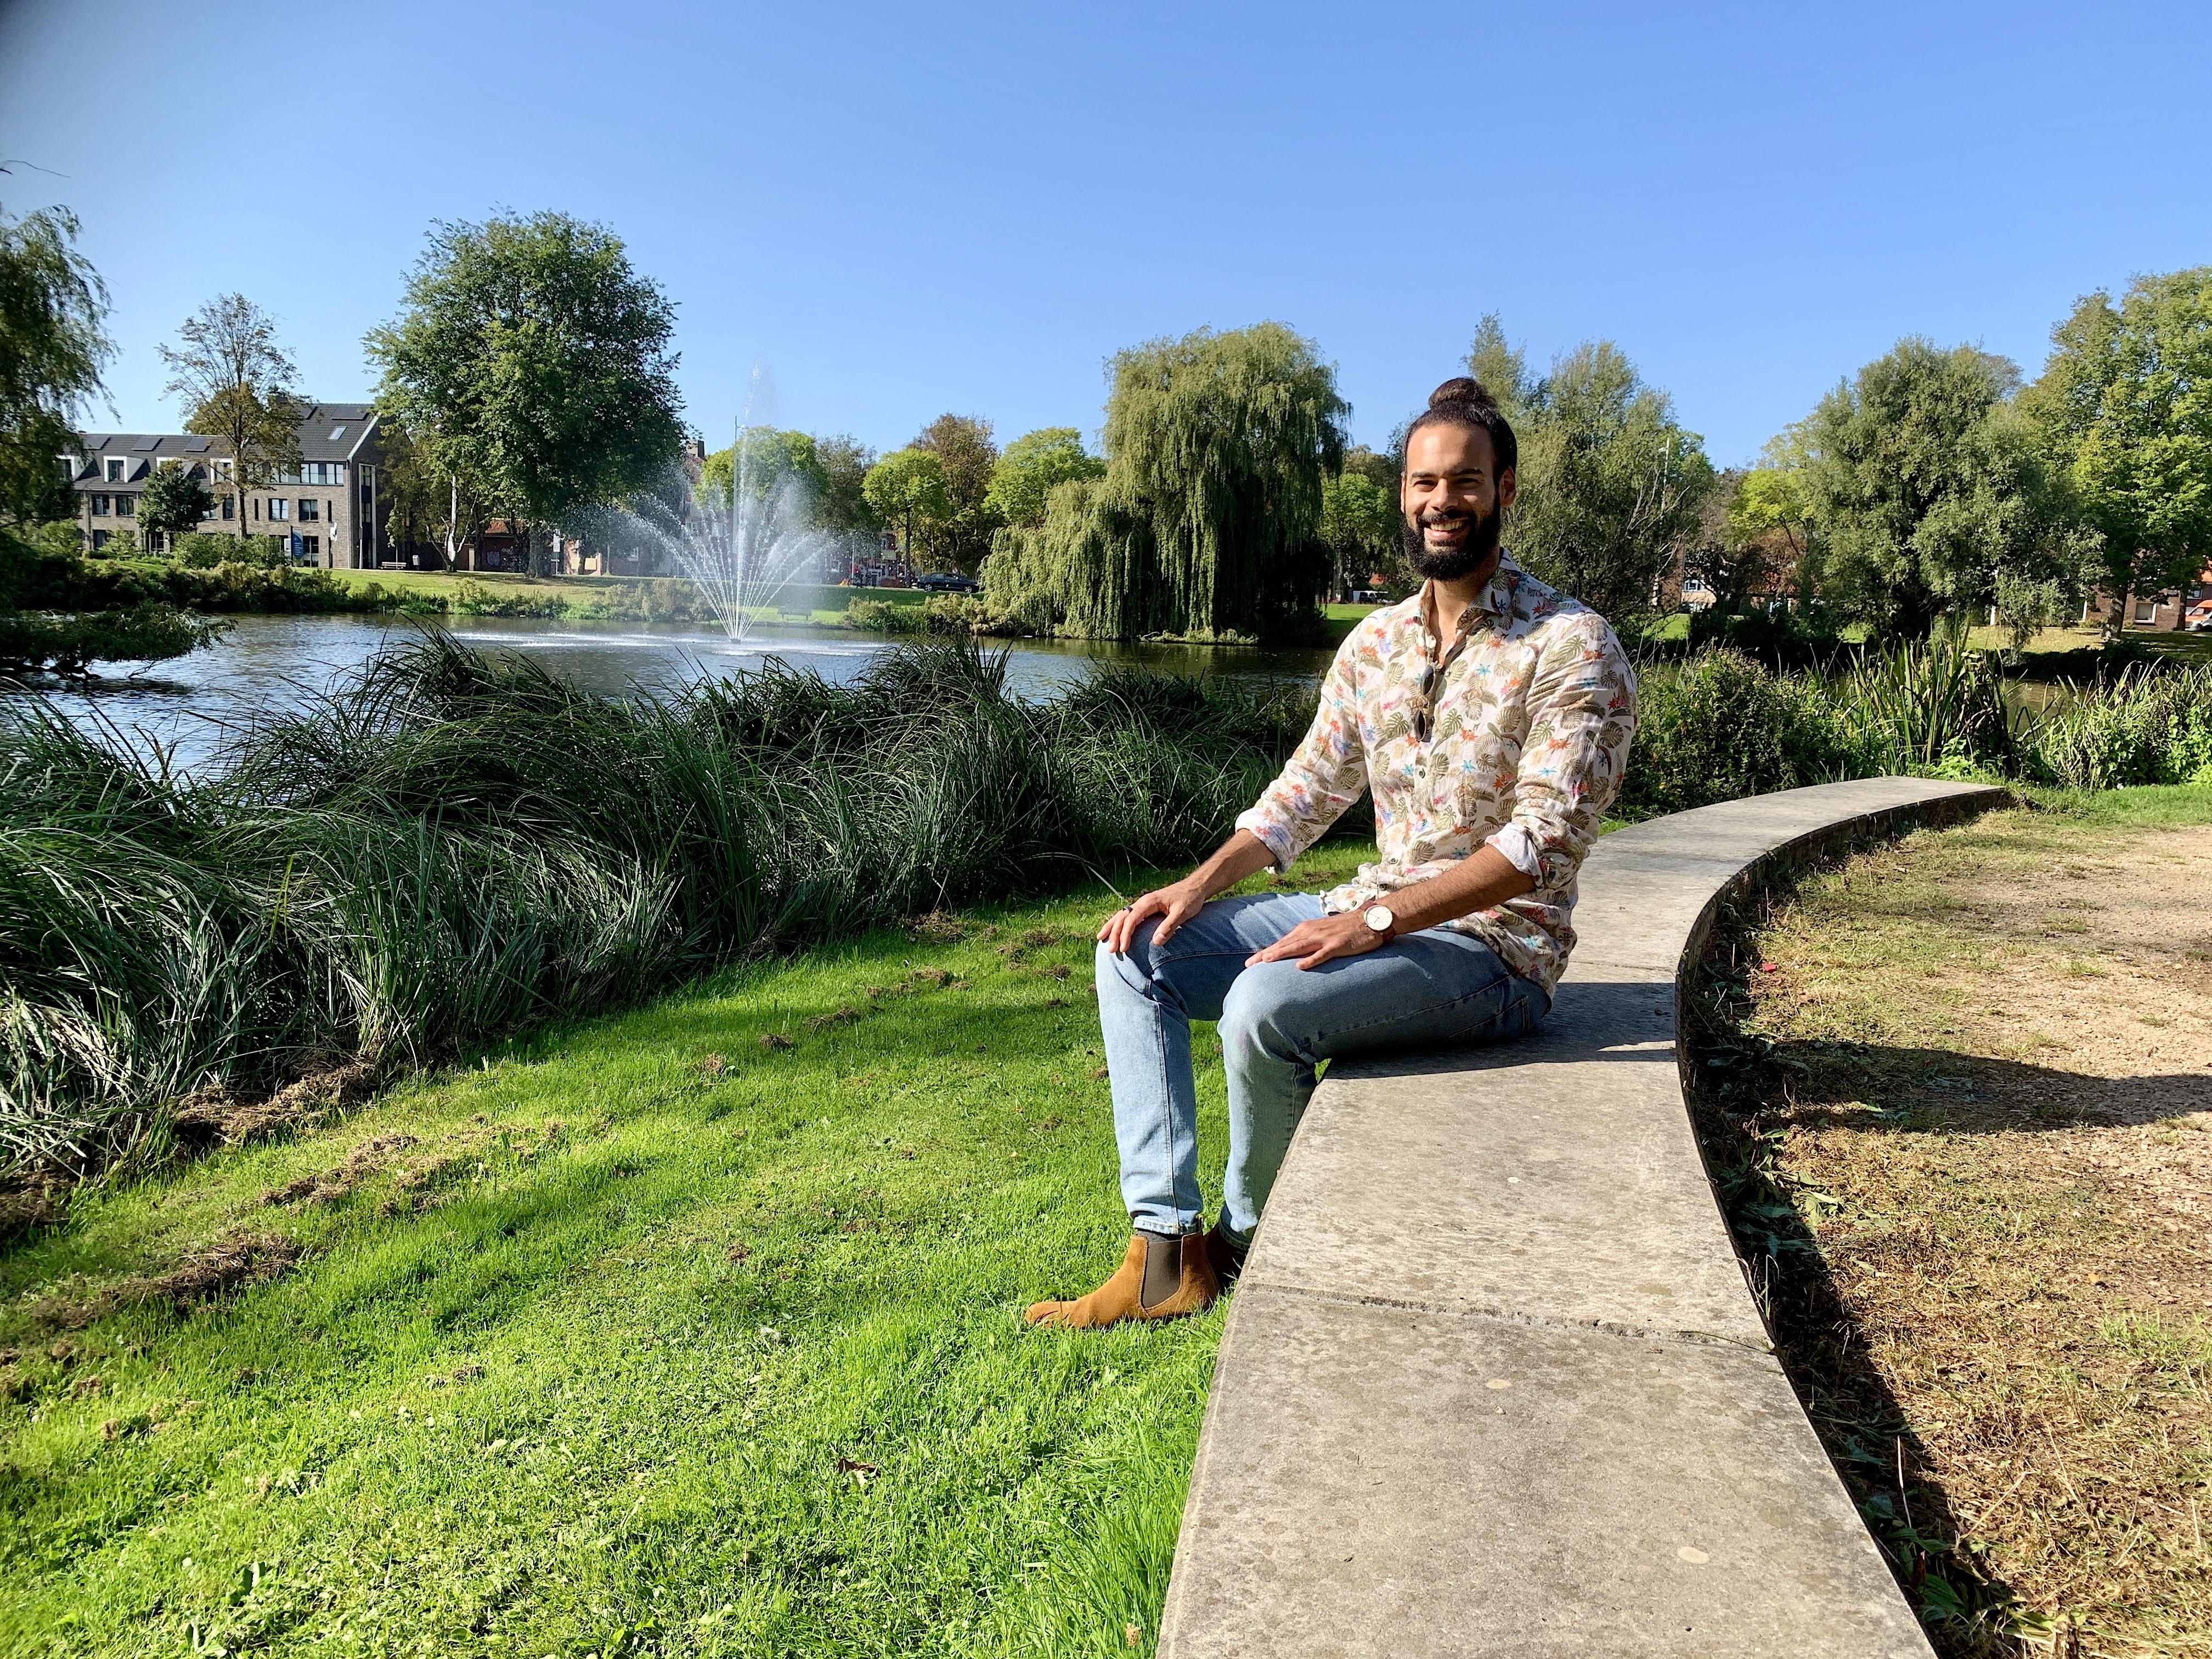 Onderweg: Goochelaar, beatboxer en fotograaf: Kariem Ahmed (32) uit Alkmaar is het allemaal. En hij heeft zich al die vaardigheden zelf eigen gemaakt